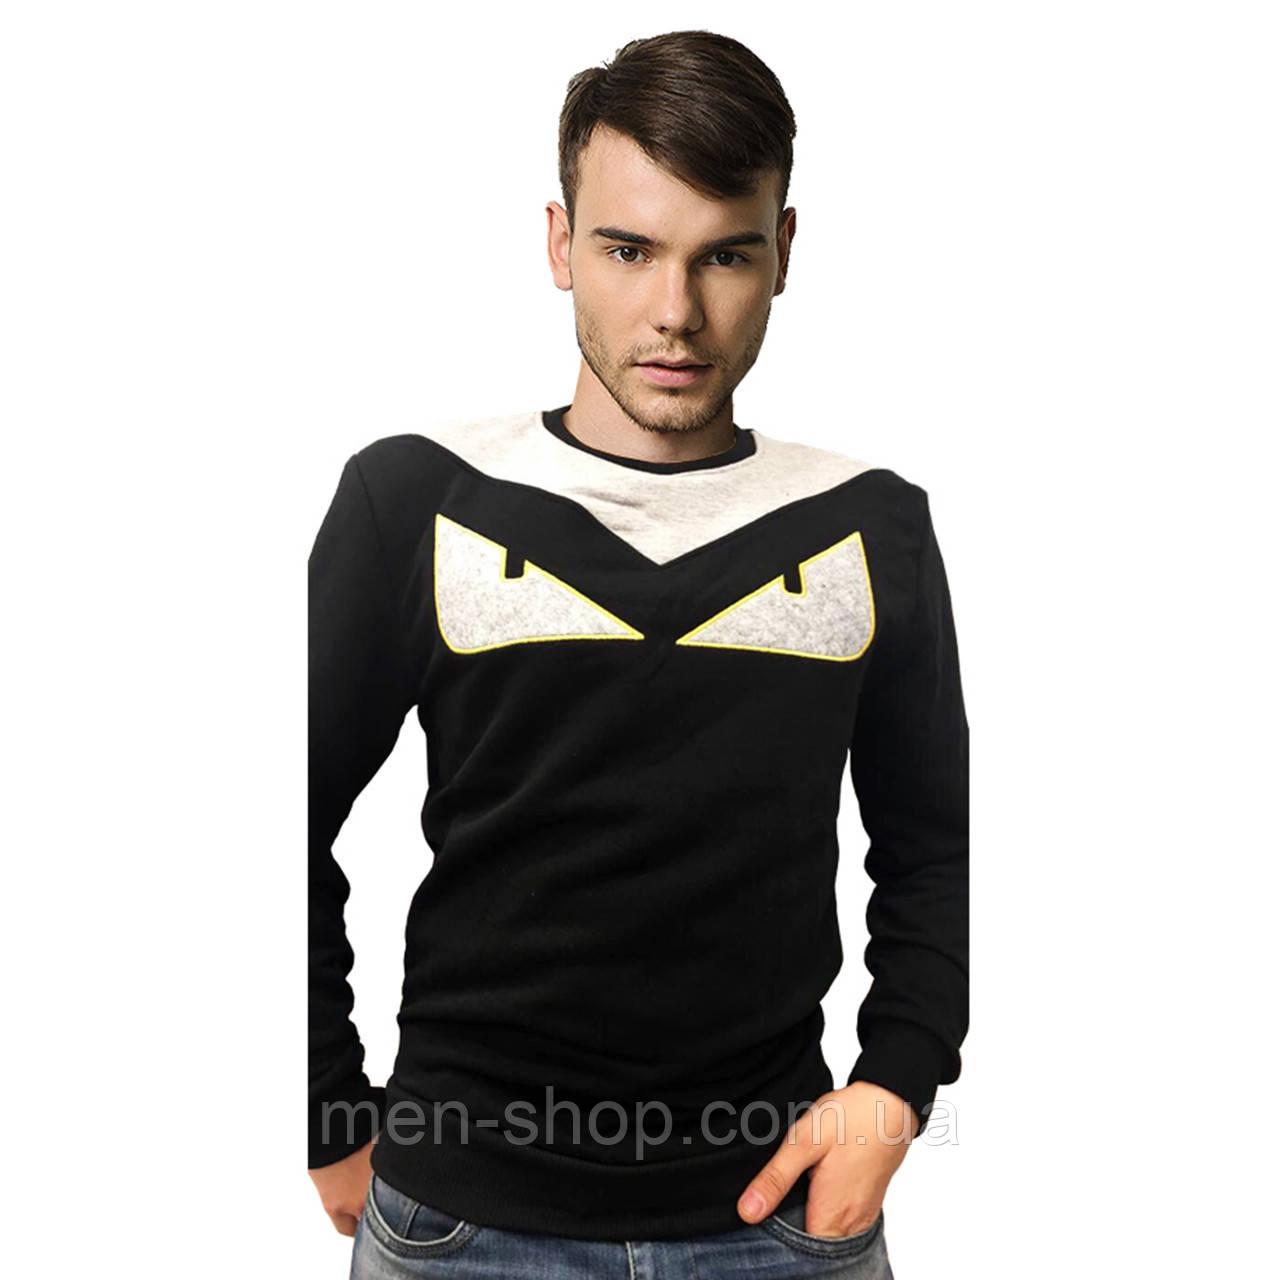 Толстовка мужская черного цвета в стиле Fendi ХЛ